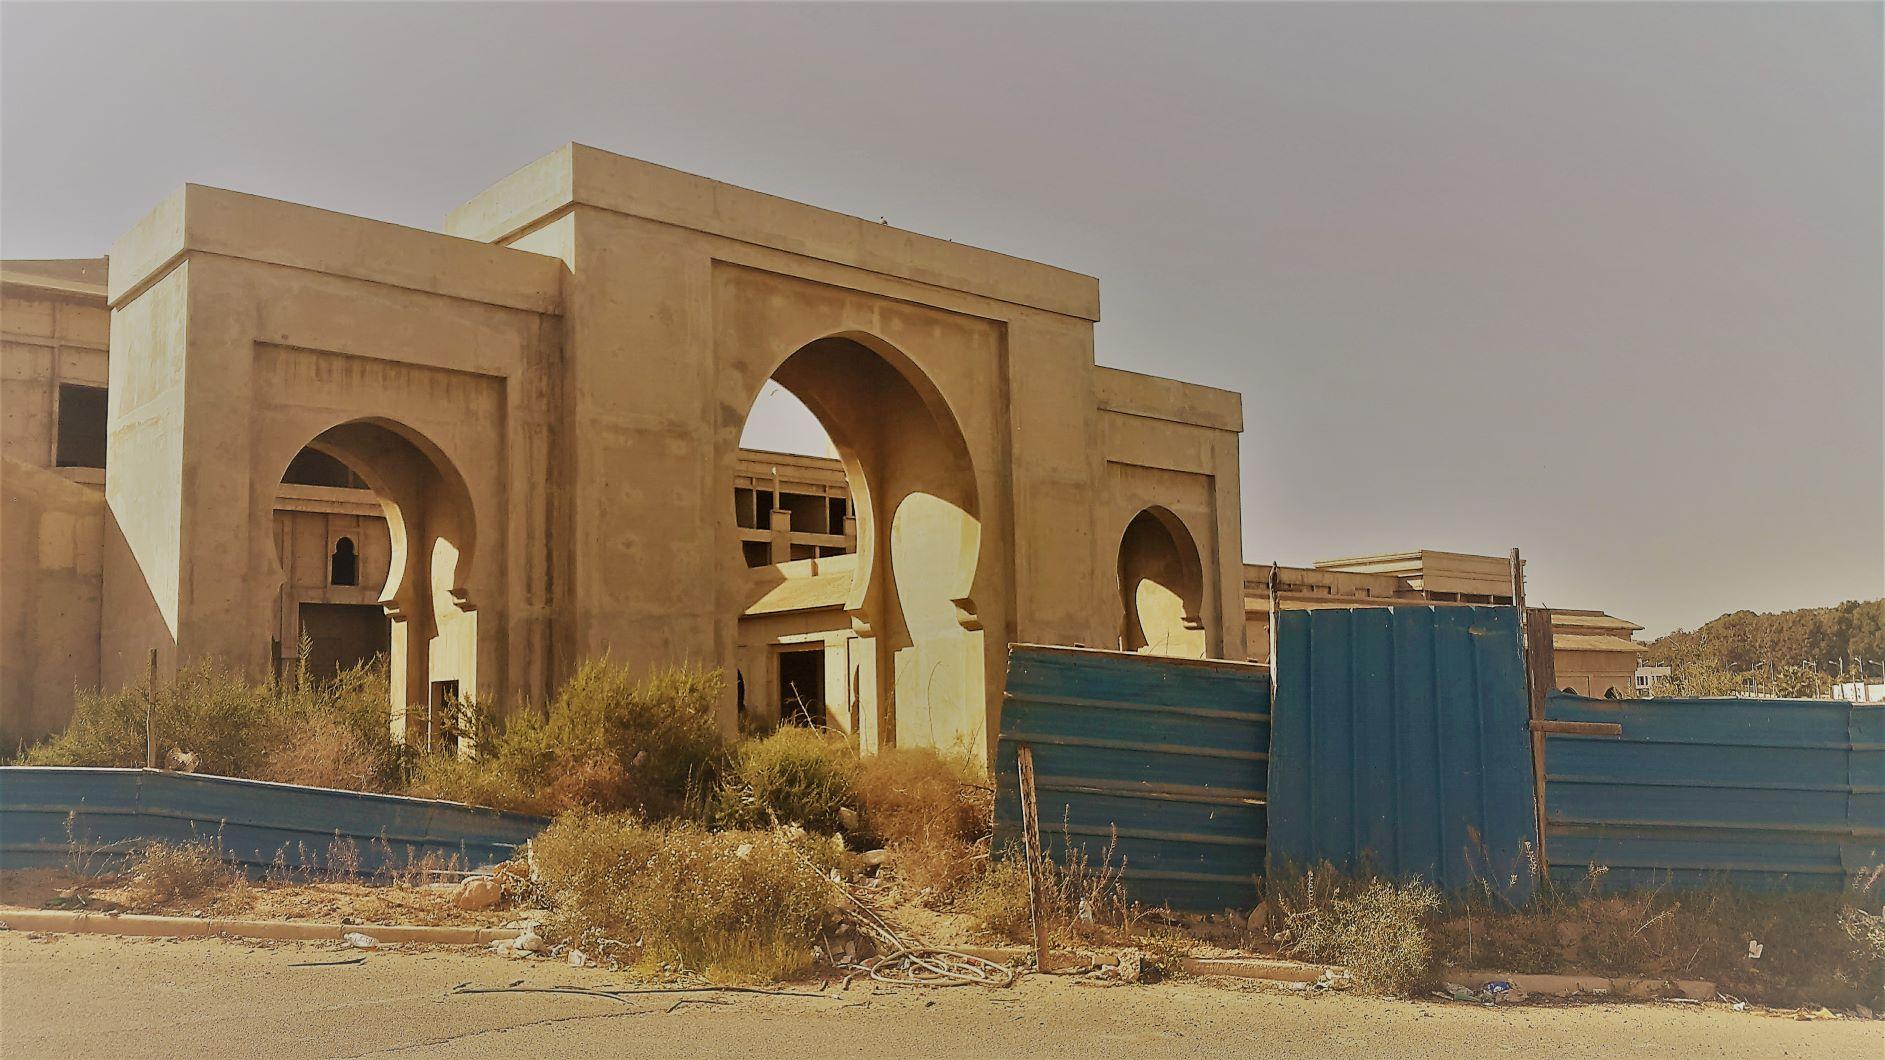 Founty, secteur B, au bord de l'Oued Lahouar. Double malaise pour ce chantier sur plusieurs hectares, jamais terminé. Il ne représente pas seulement une gêne majeure pour le voisinage, mais il bloque avec sa façade Est l'axe de vue dont pourraient profiter les utilisateurs du Barreau Est-Ouest, en venant de la Route de Marrakech.